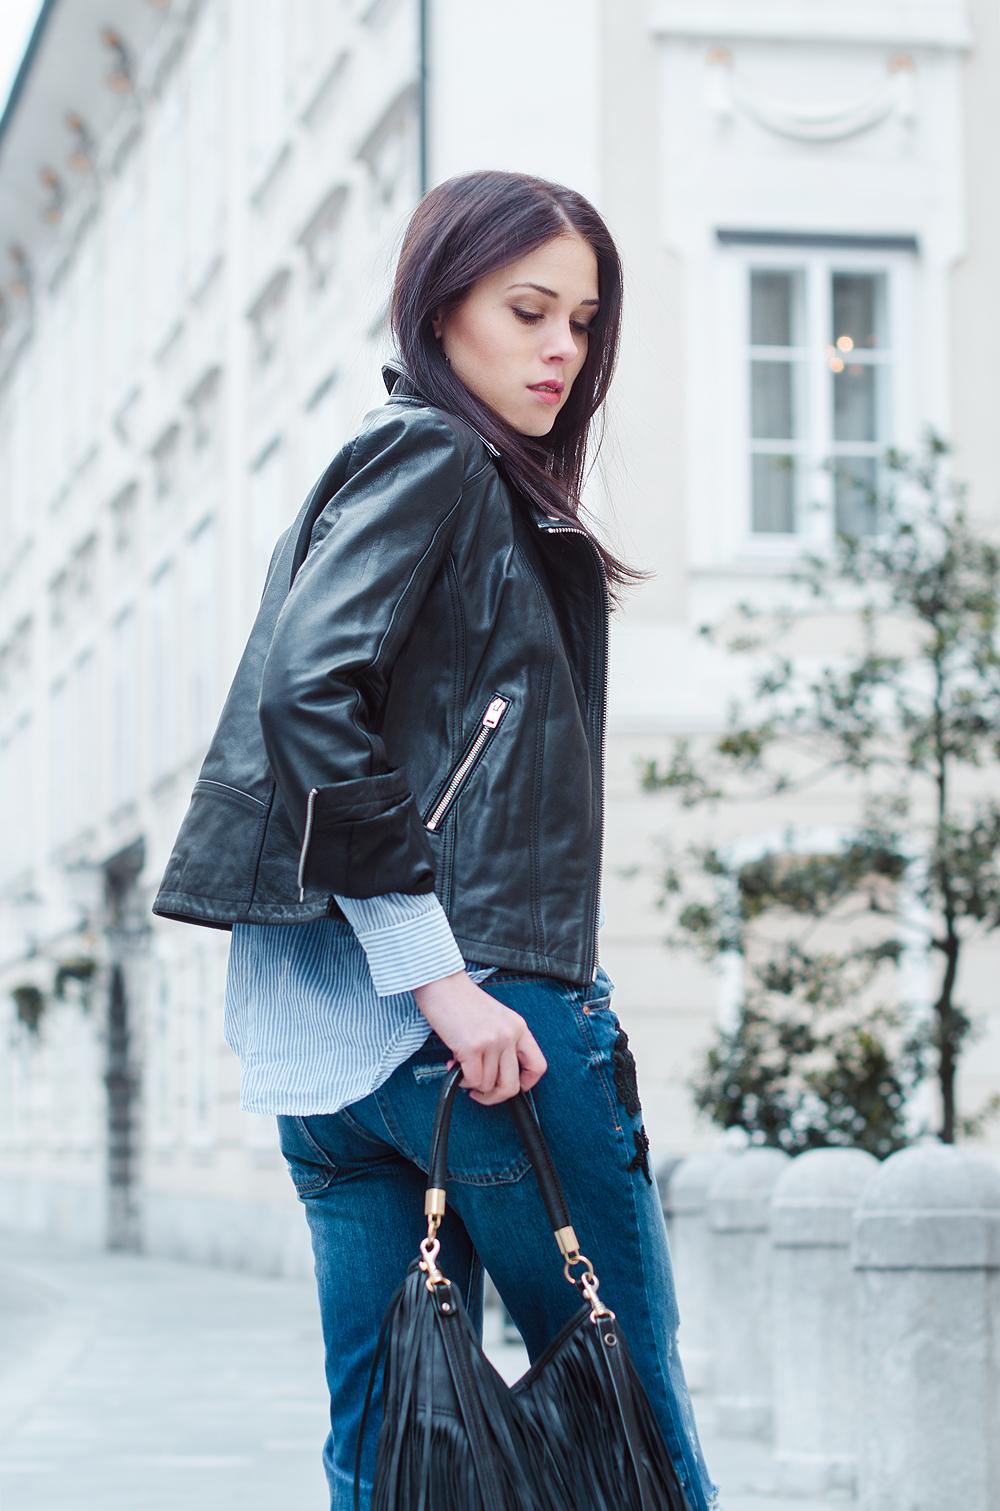 Eva Ahačevčič_Love, Eva_Diesel_leather jacket_Modni dodatki Bling bling_Crop pants_OOTD_Fringes_H&M